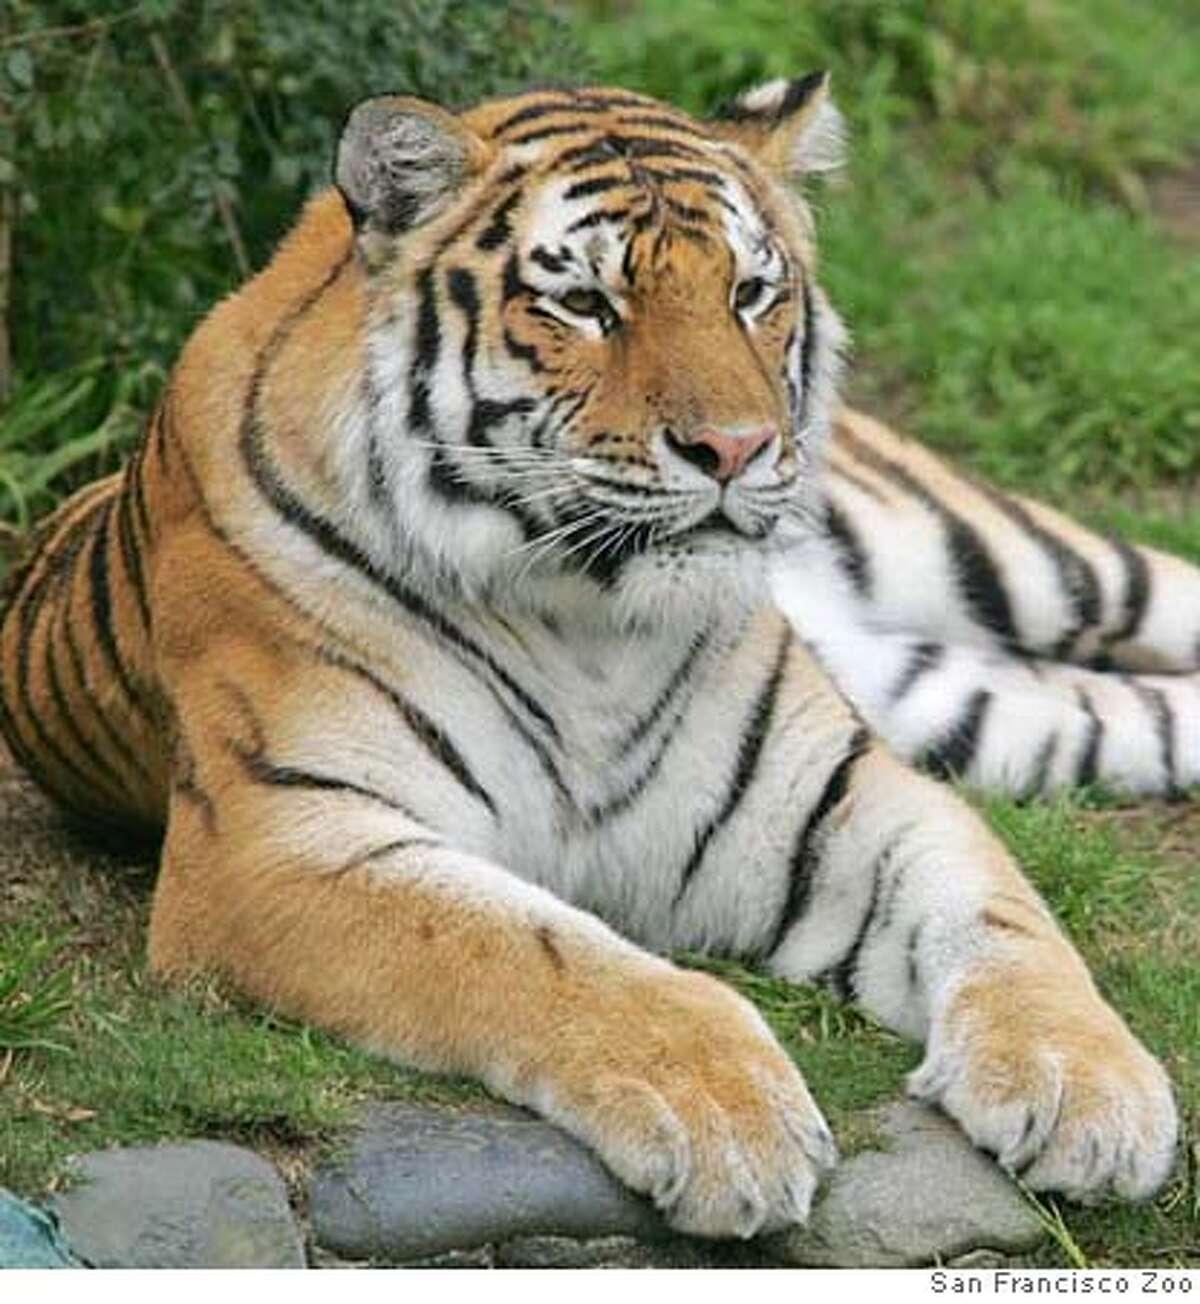 Tatiana the tiger CR: San Francisco Zoo